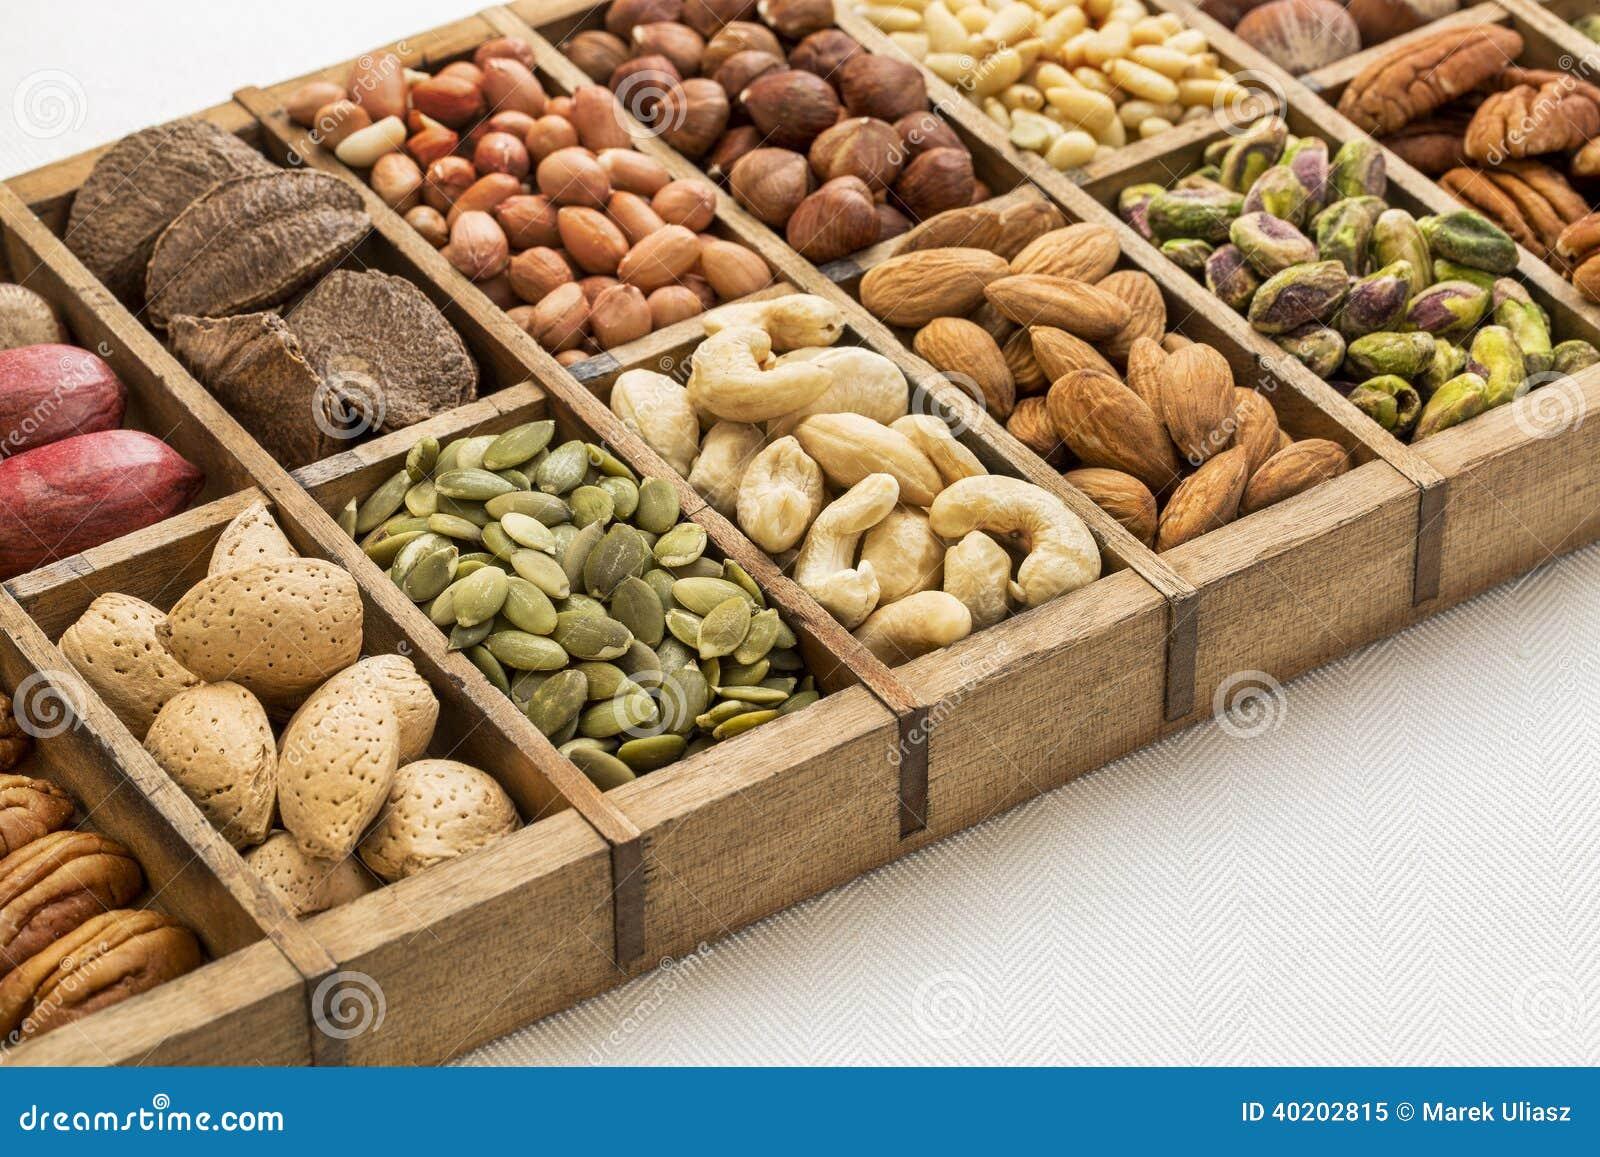 Nüsse und Samenzusammenfassung